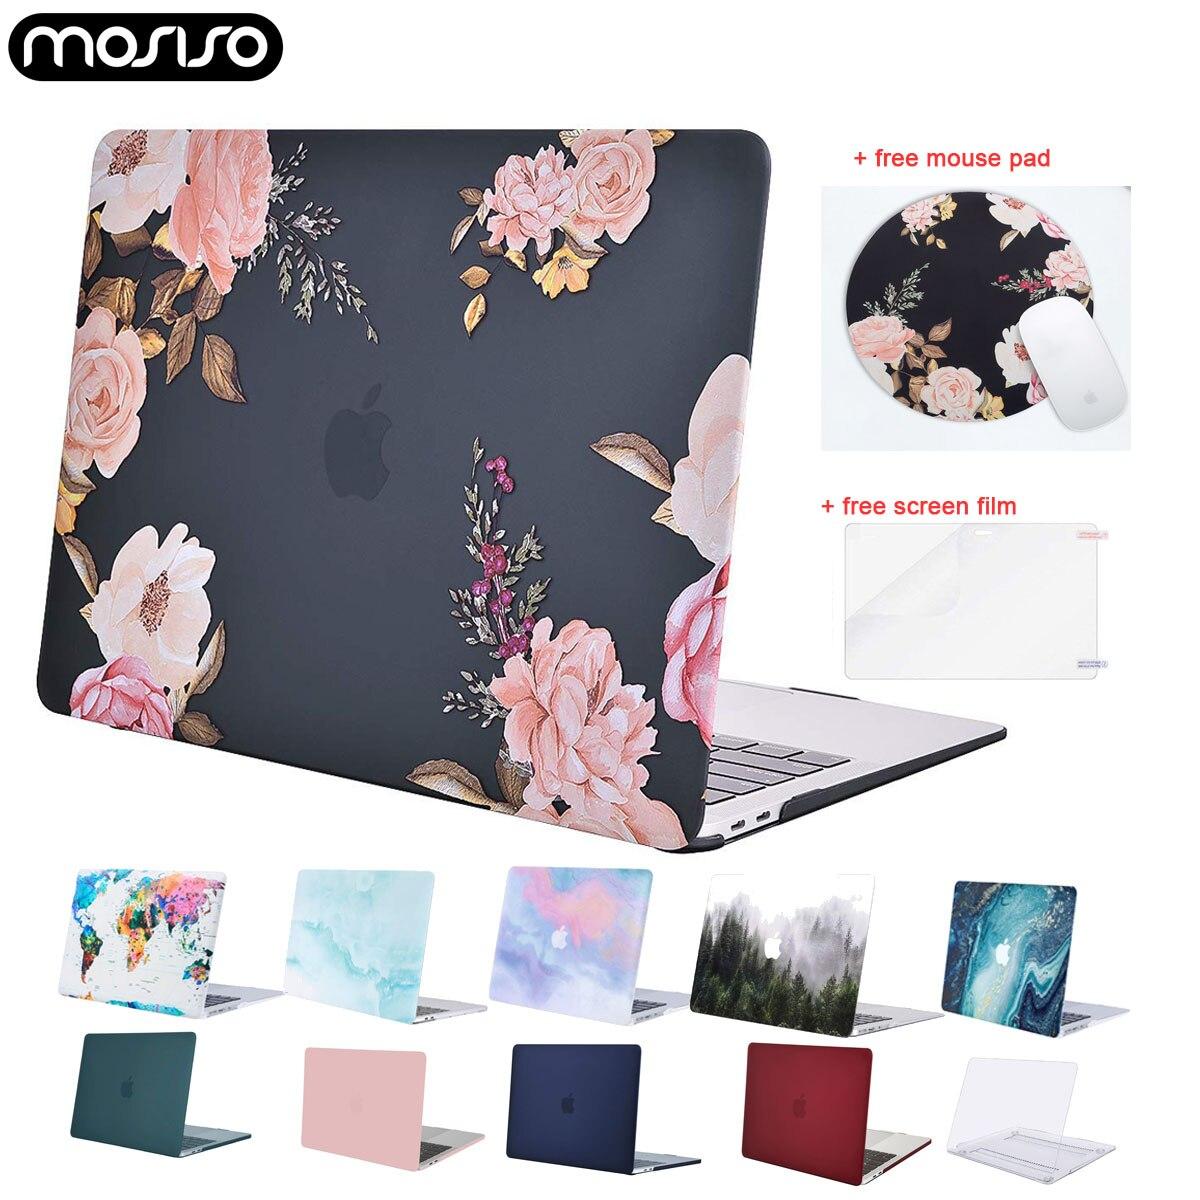 Чехол для ноутбука Macbook Air Retina Pro, Жесткий Чехол для сенсорной панели 13, 15, A1706, A1989, A2159, A1708, A1932, A2179, 2020